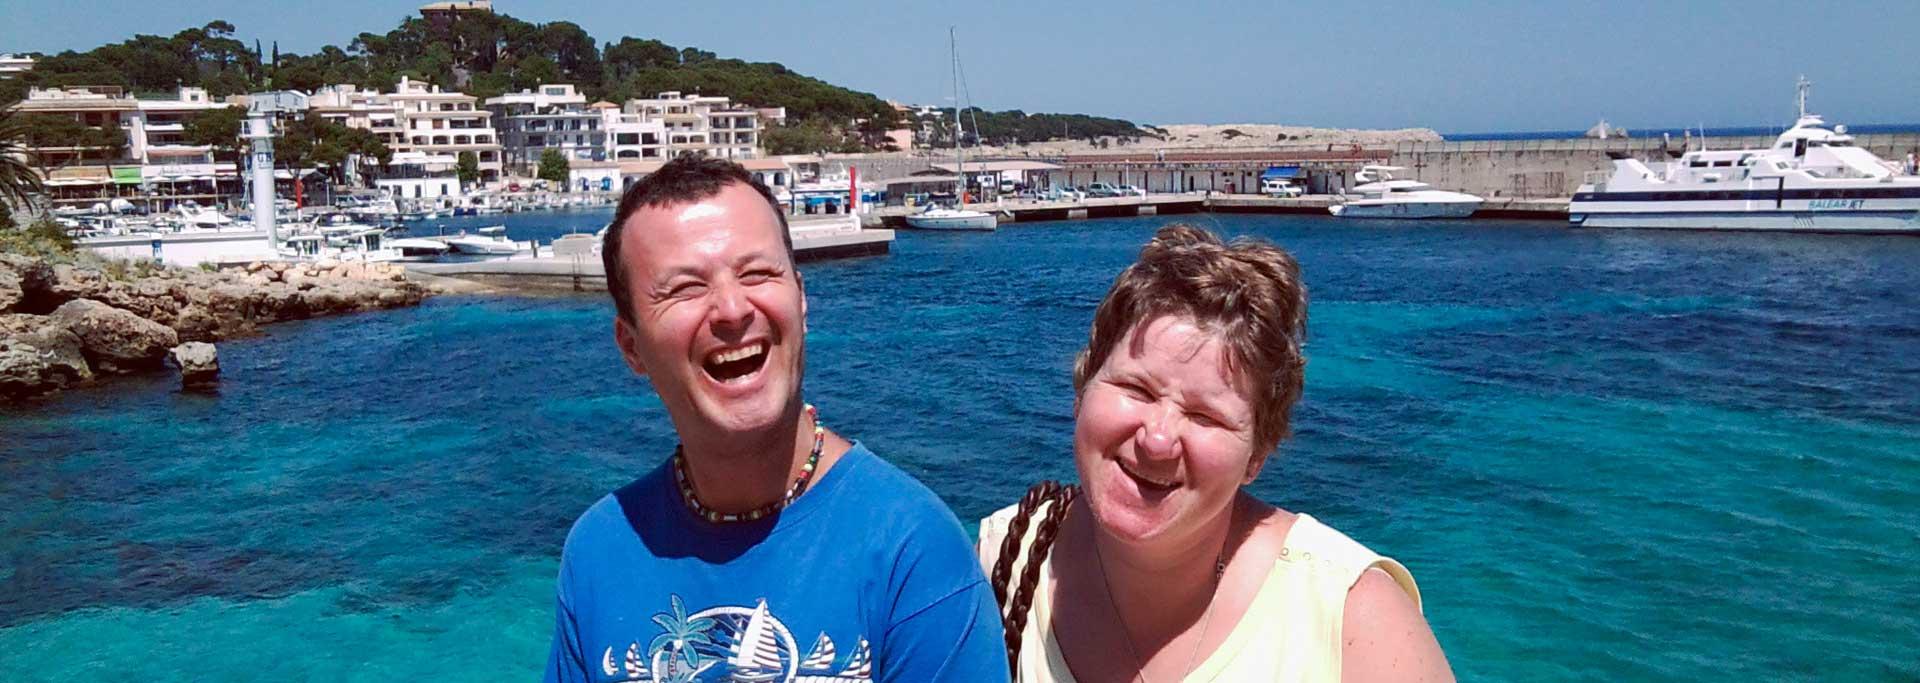 Reisen für Behinderte - Urlaub auf Mallorca